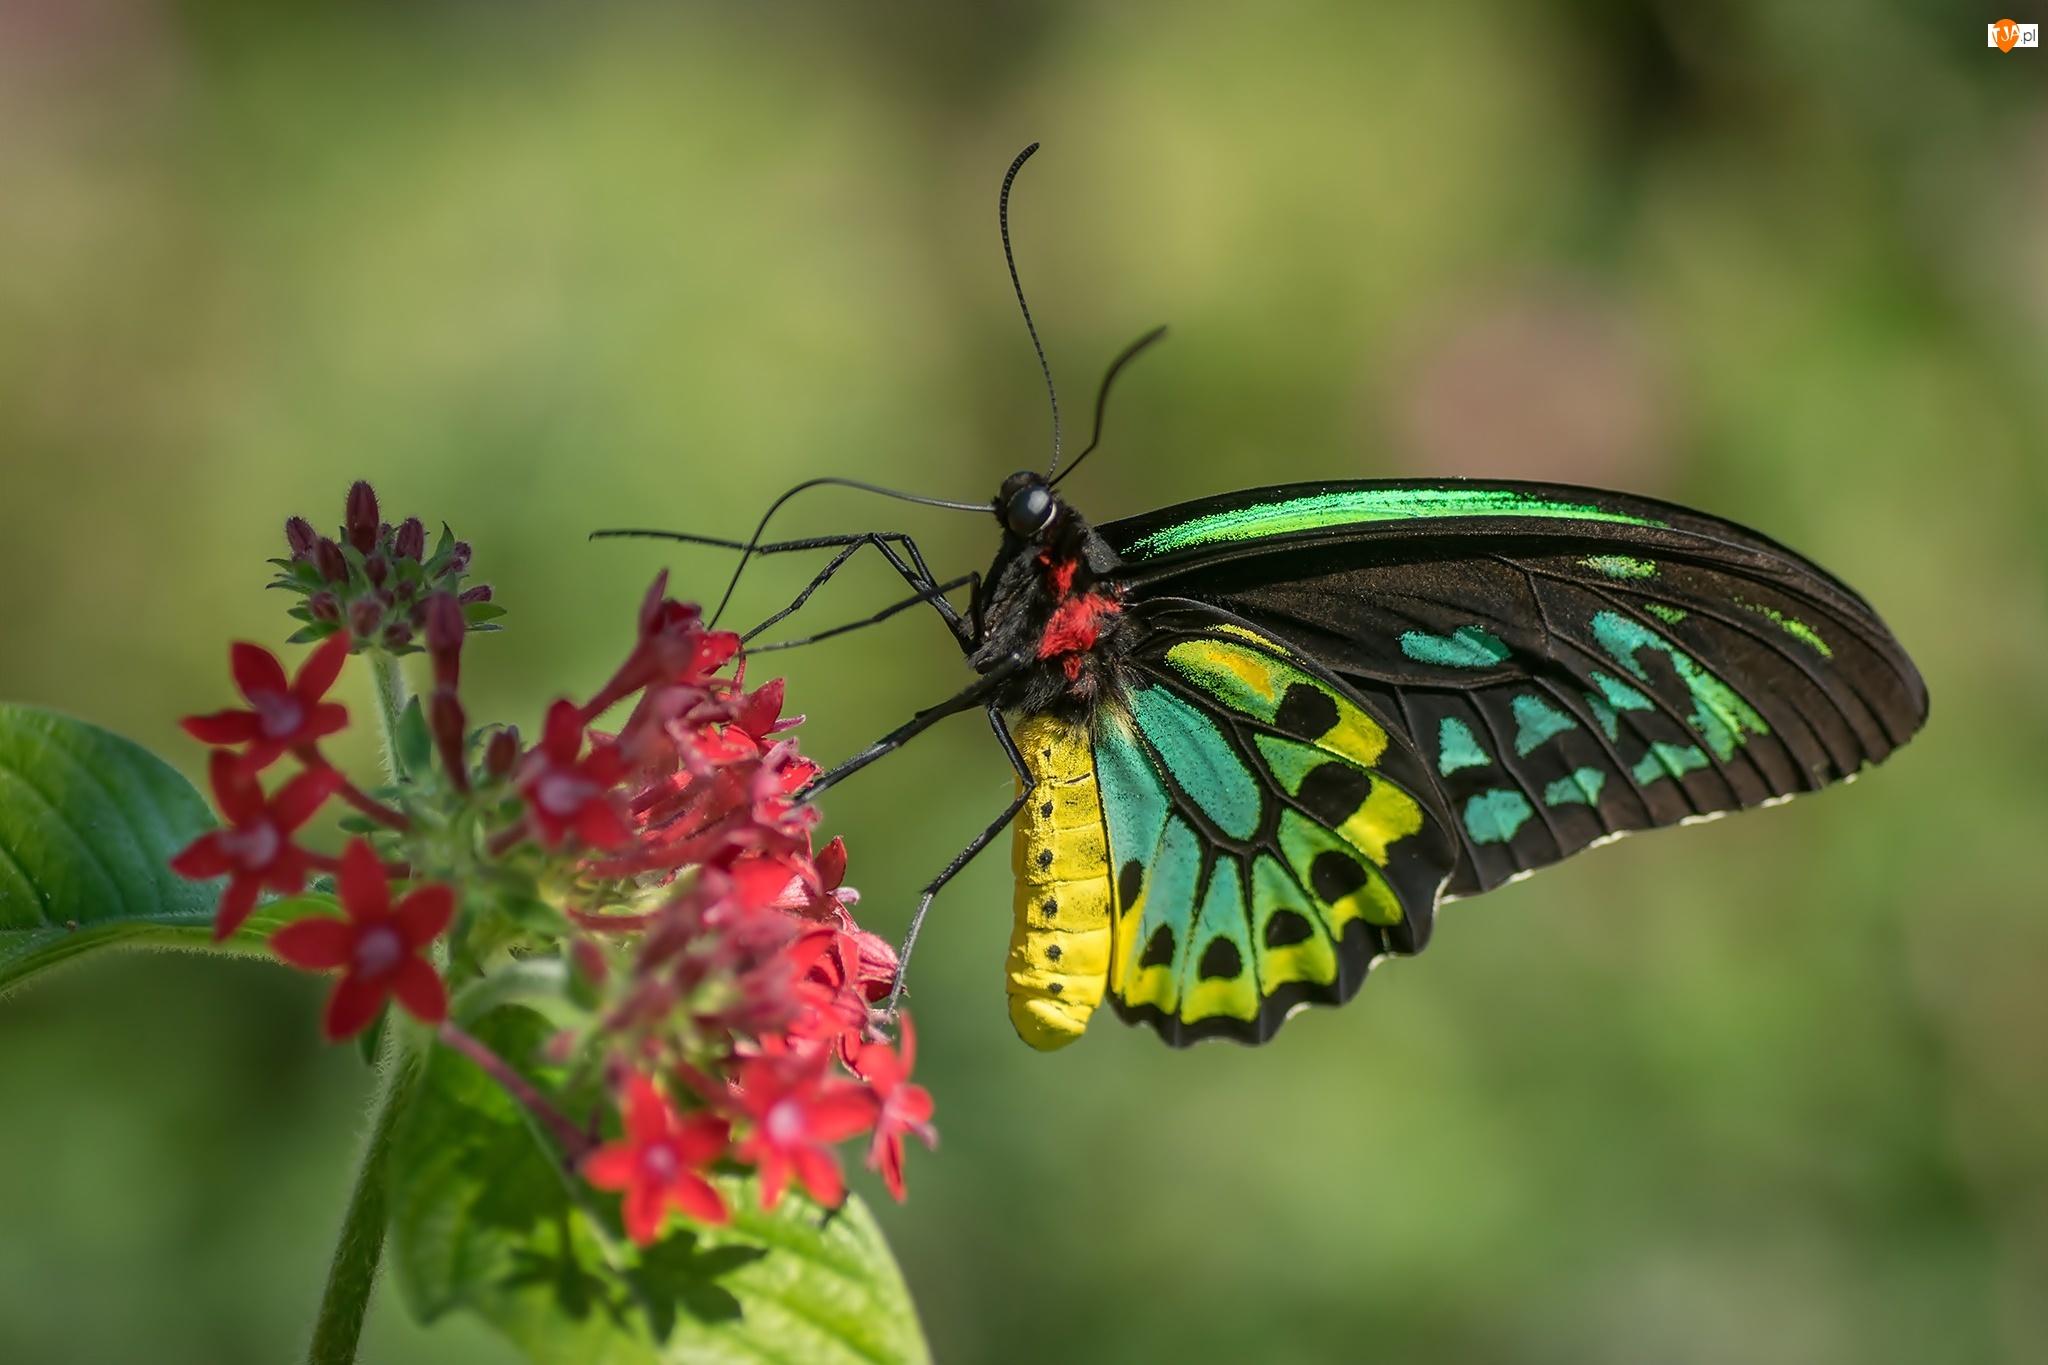 Australijski, Kolorowy, Cairns Birdwing, Czerwony, Motyl, Kwiat